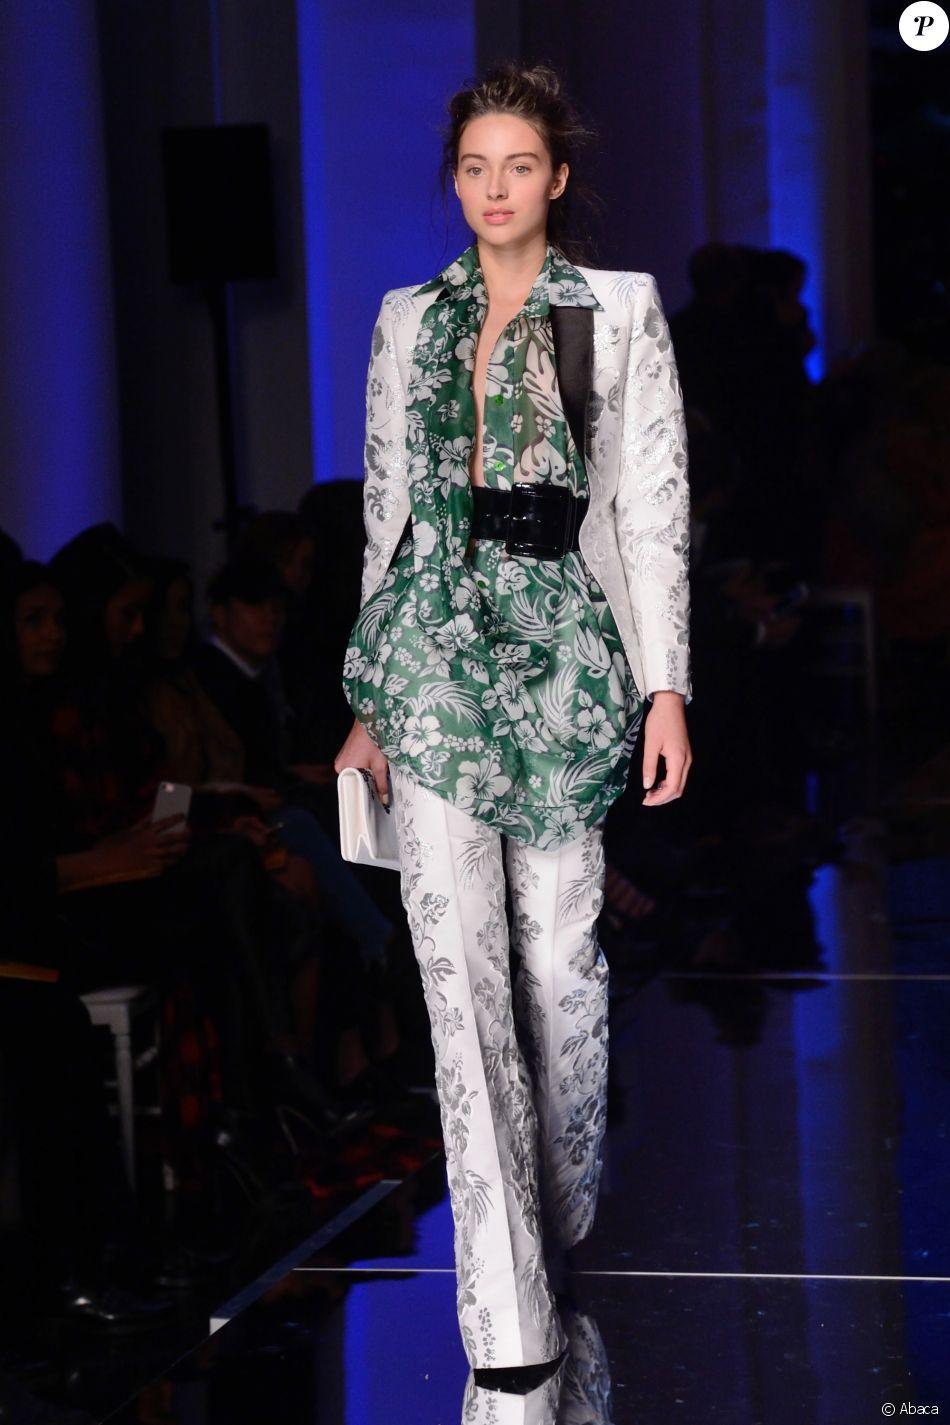 Jenaye Noah au défilé Haute Couture Jean-Paul Gaultier Haute Couture printemps-été 2017 à la Fashion Week de Paris, le 25 janvier 2017.